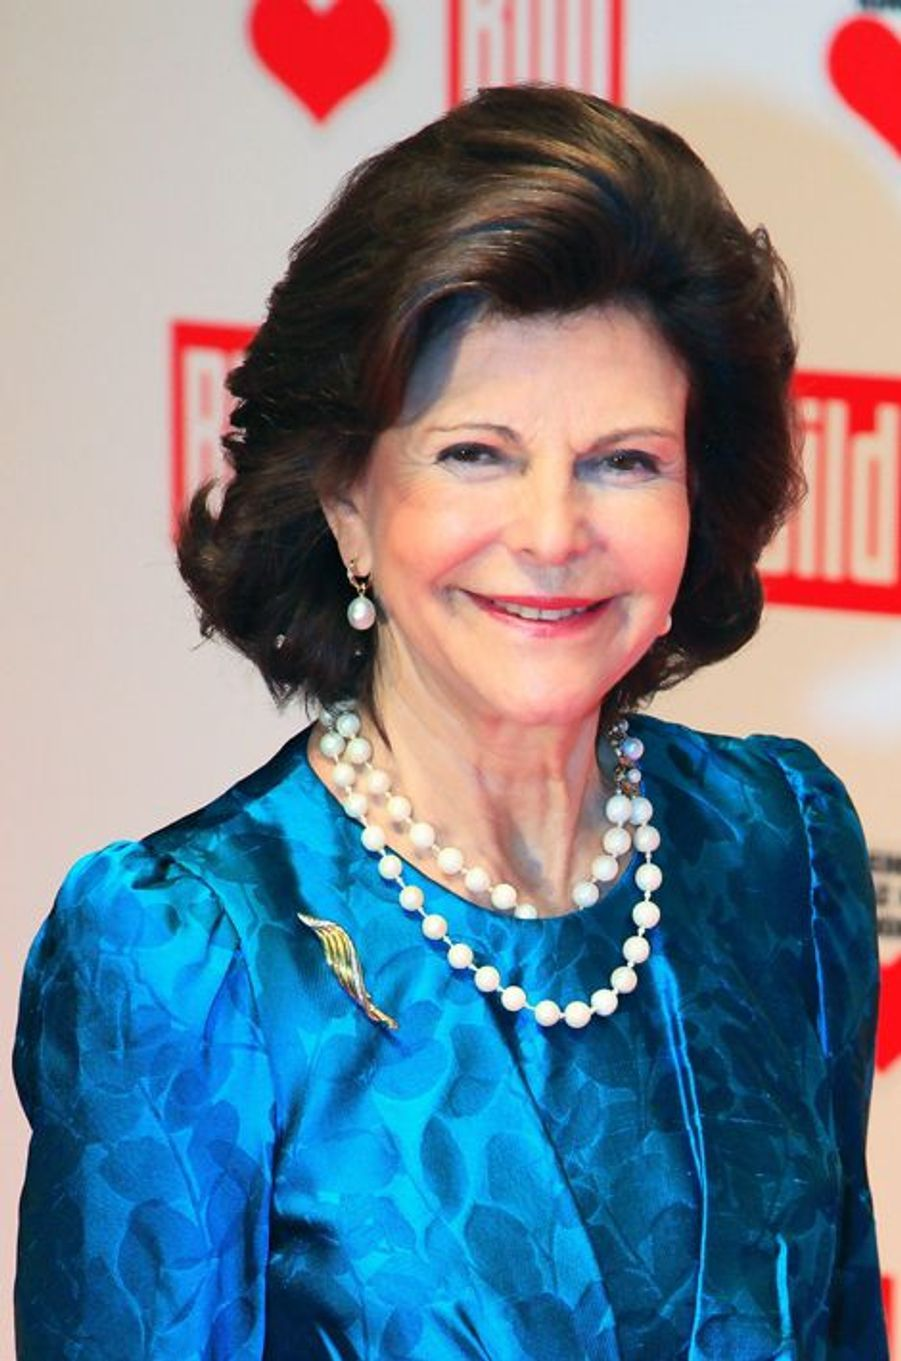 """La reine Silvia de Suède au gala """"Ein Herz fuer Kinder"""" à Berlin, le 6 septembre 2014"""